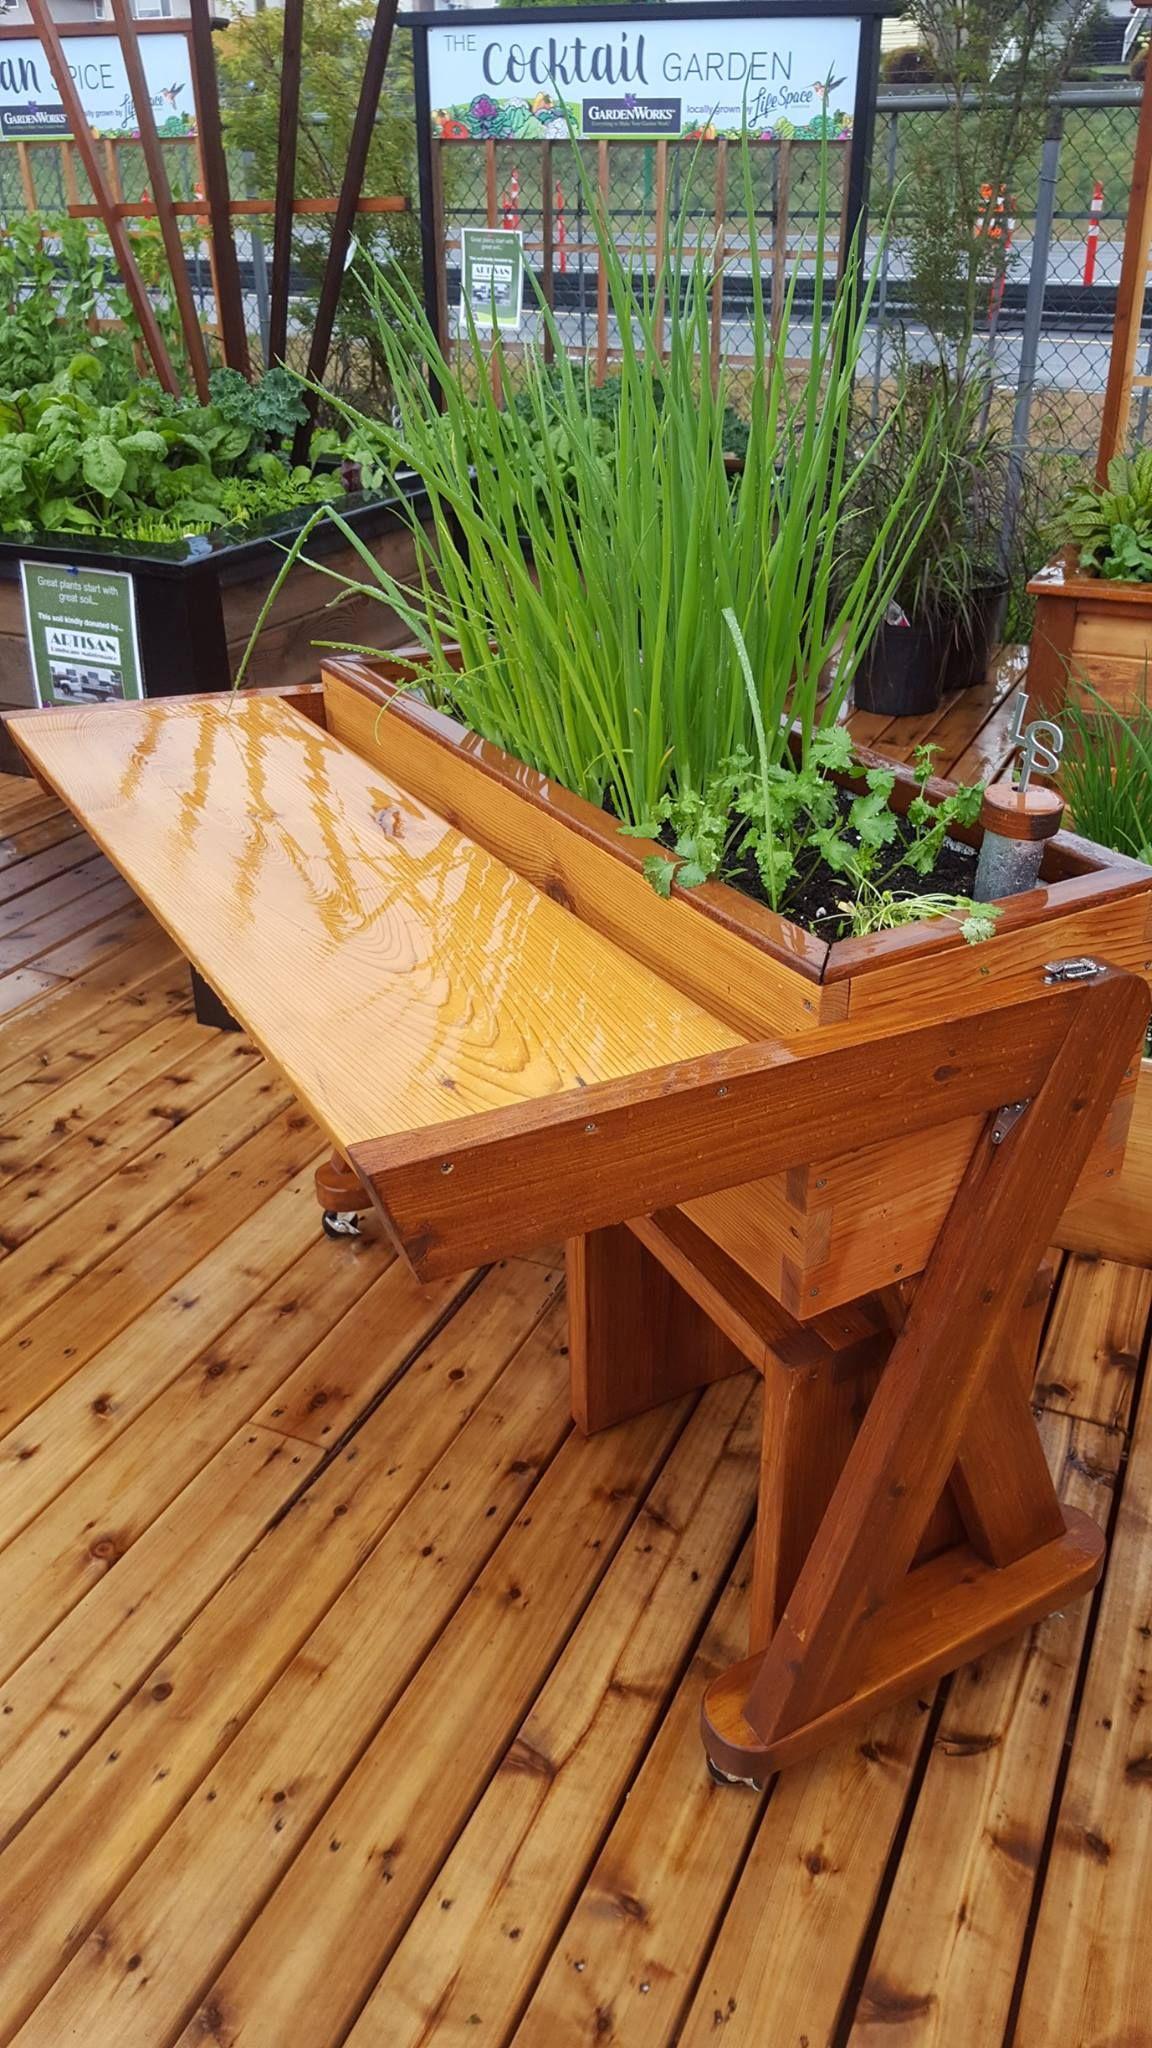 lifespacegardens #communitygarden #garden #gardening #patio ...